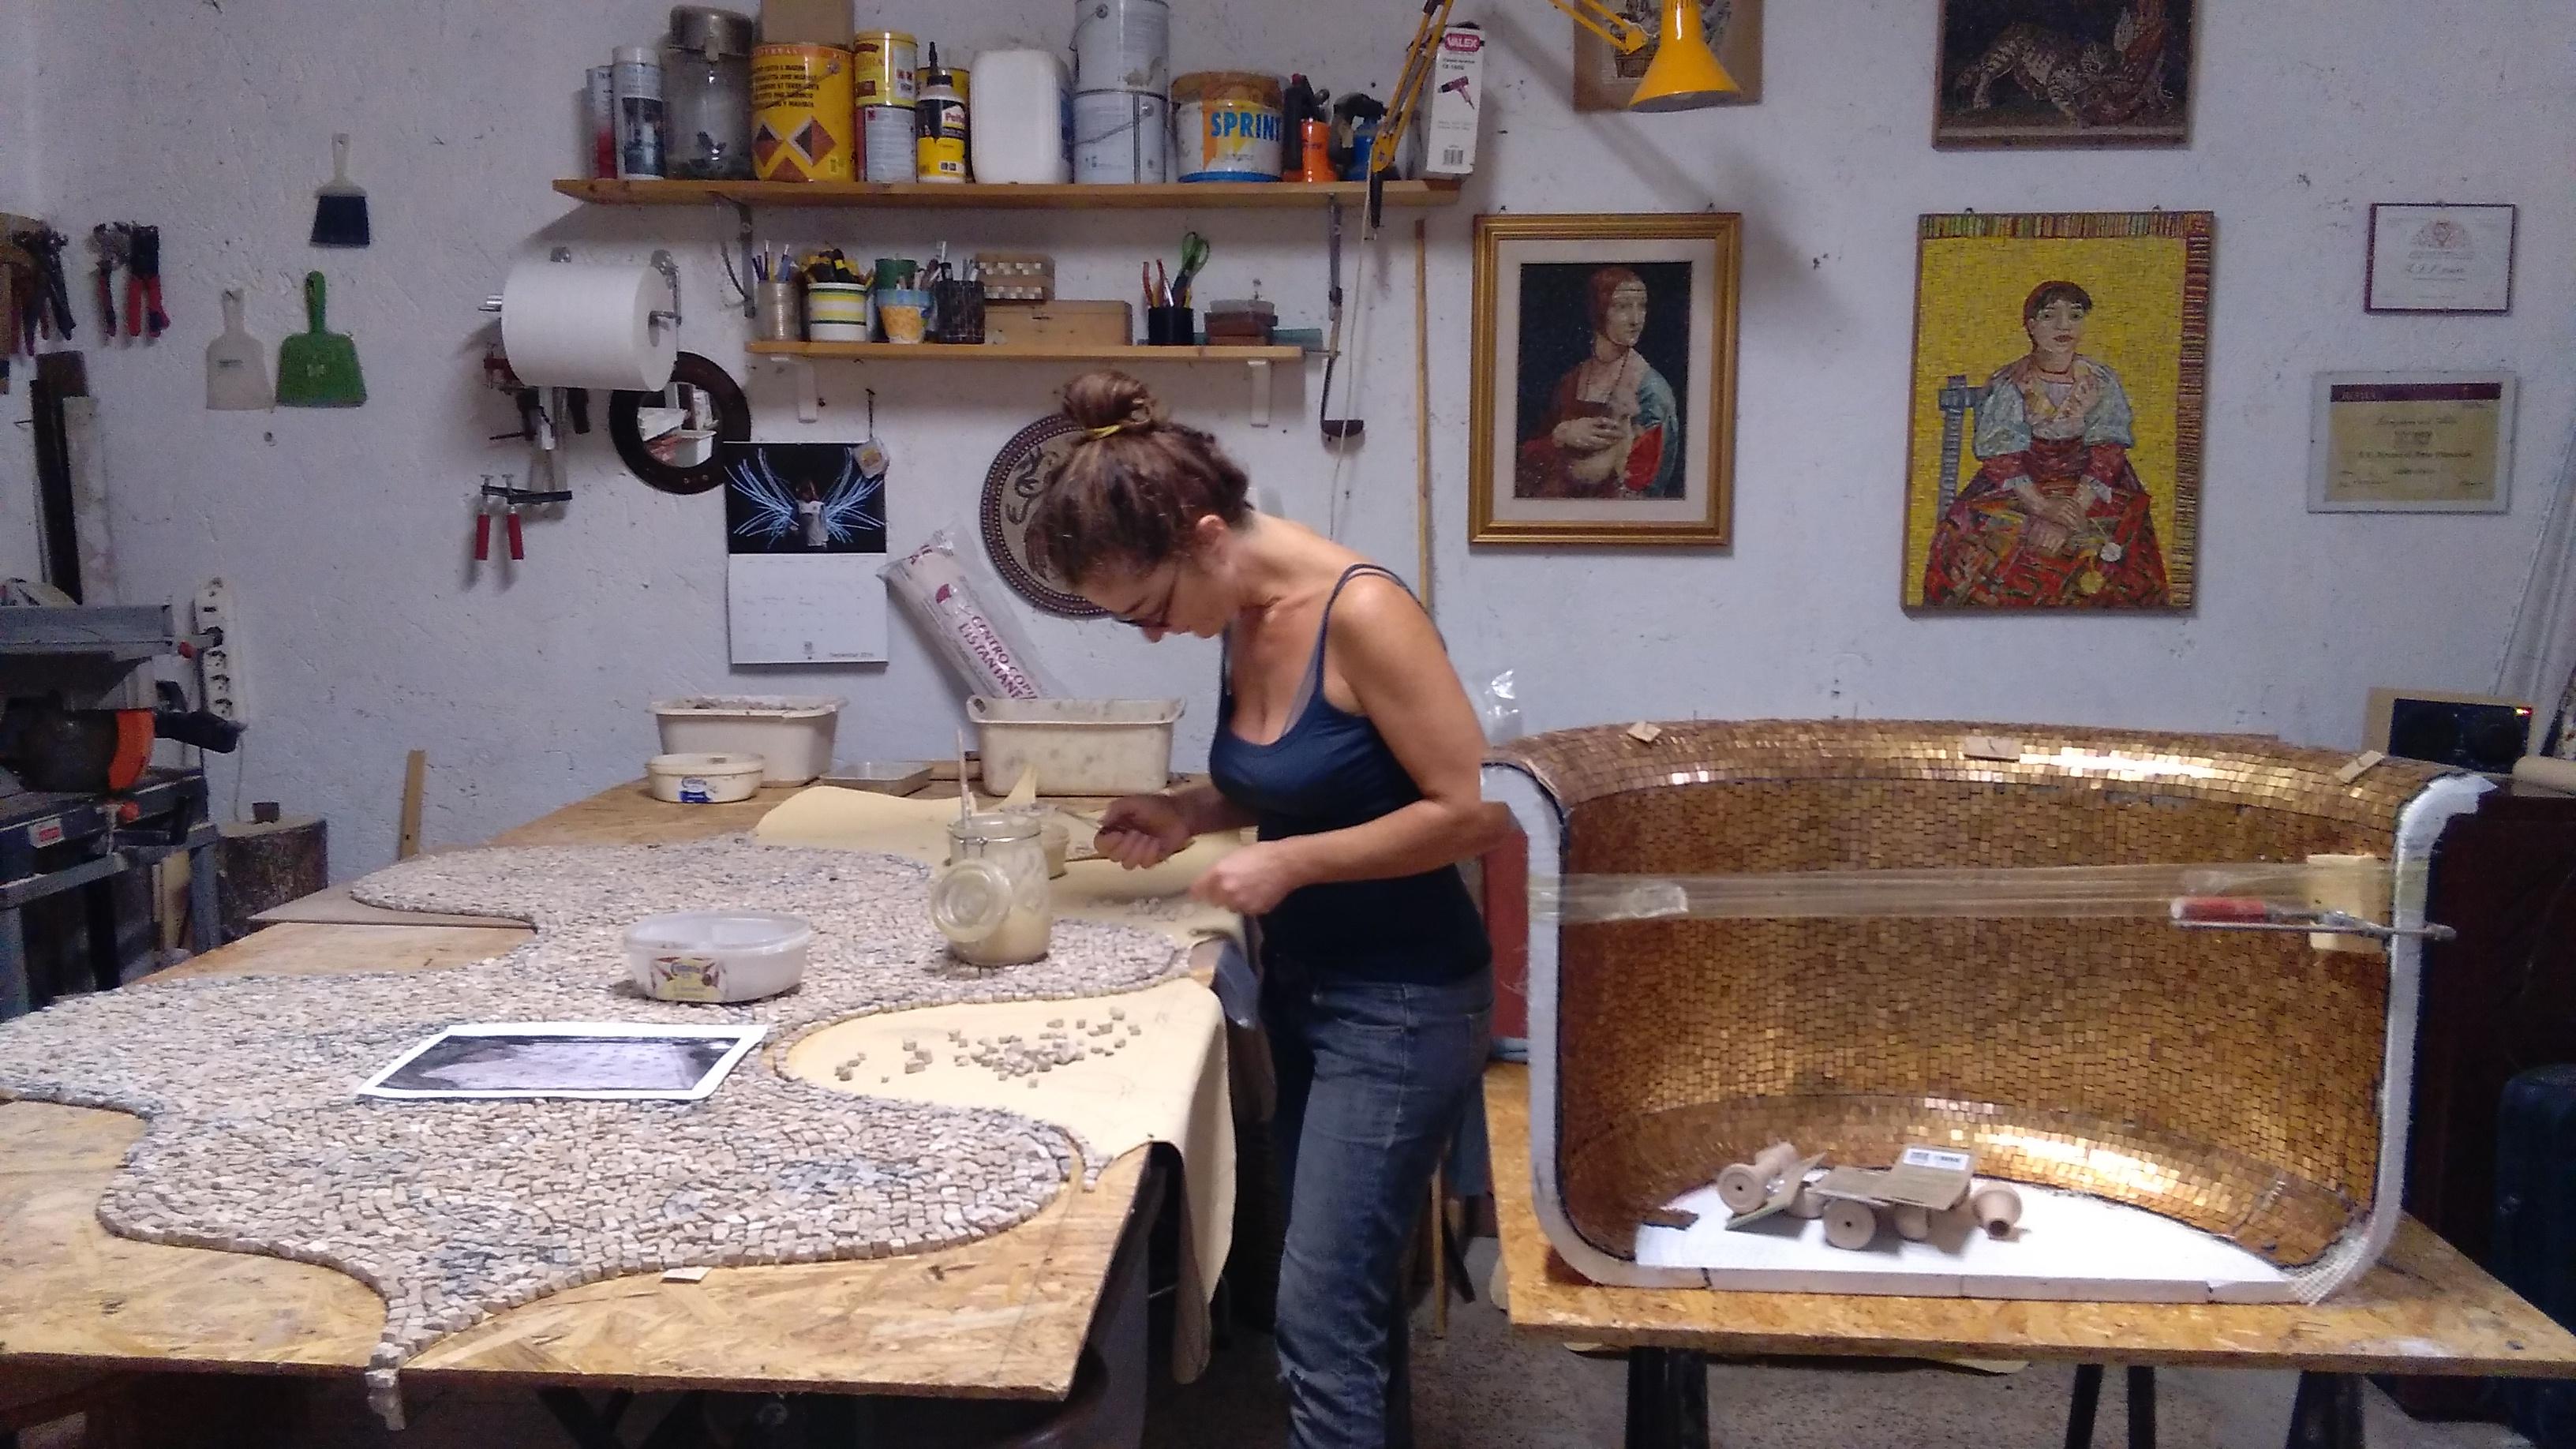 lavorazione del mosaico artigianale, craft mosaic atelier